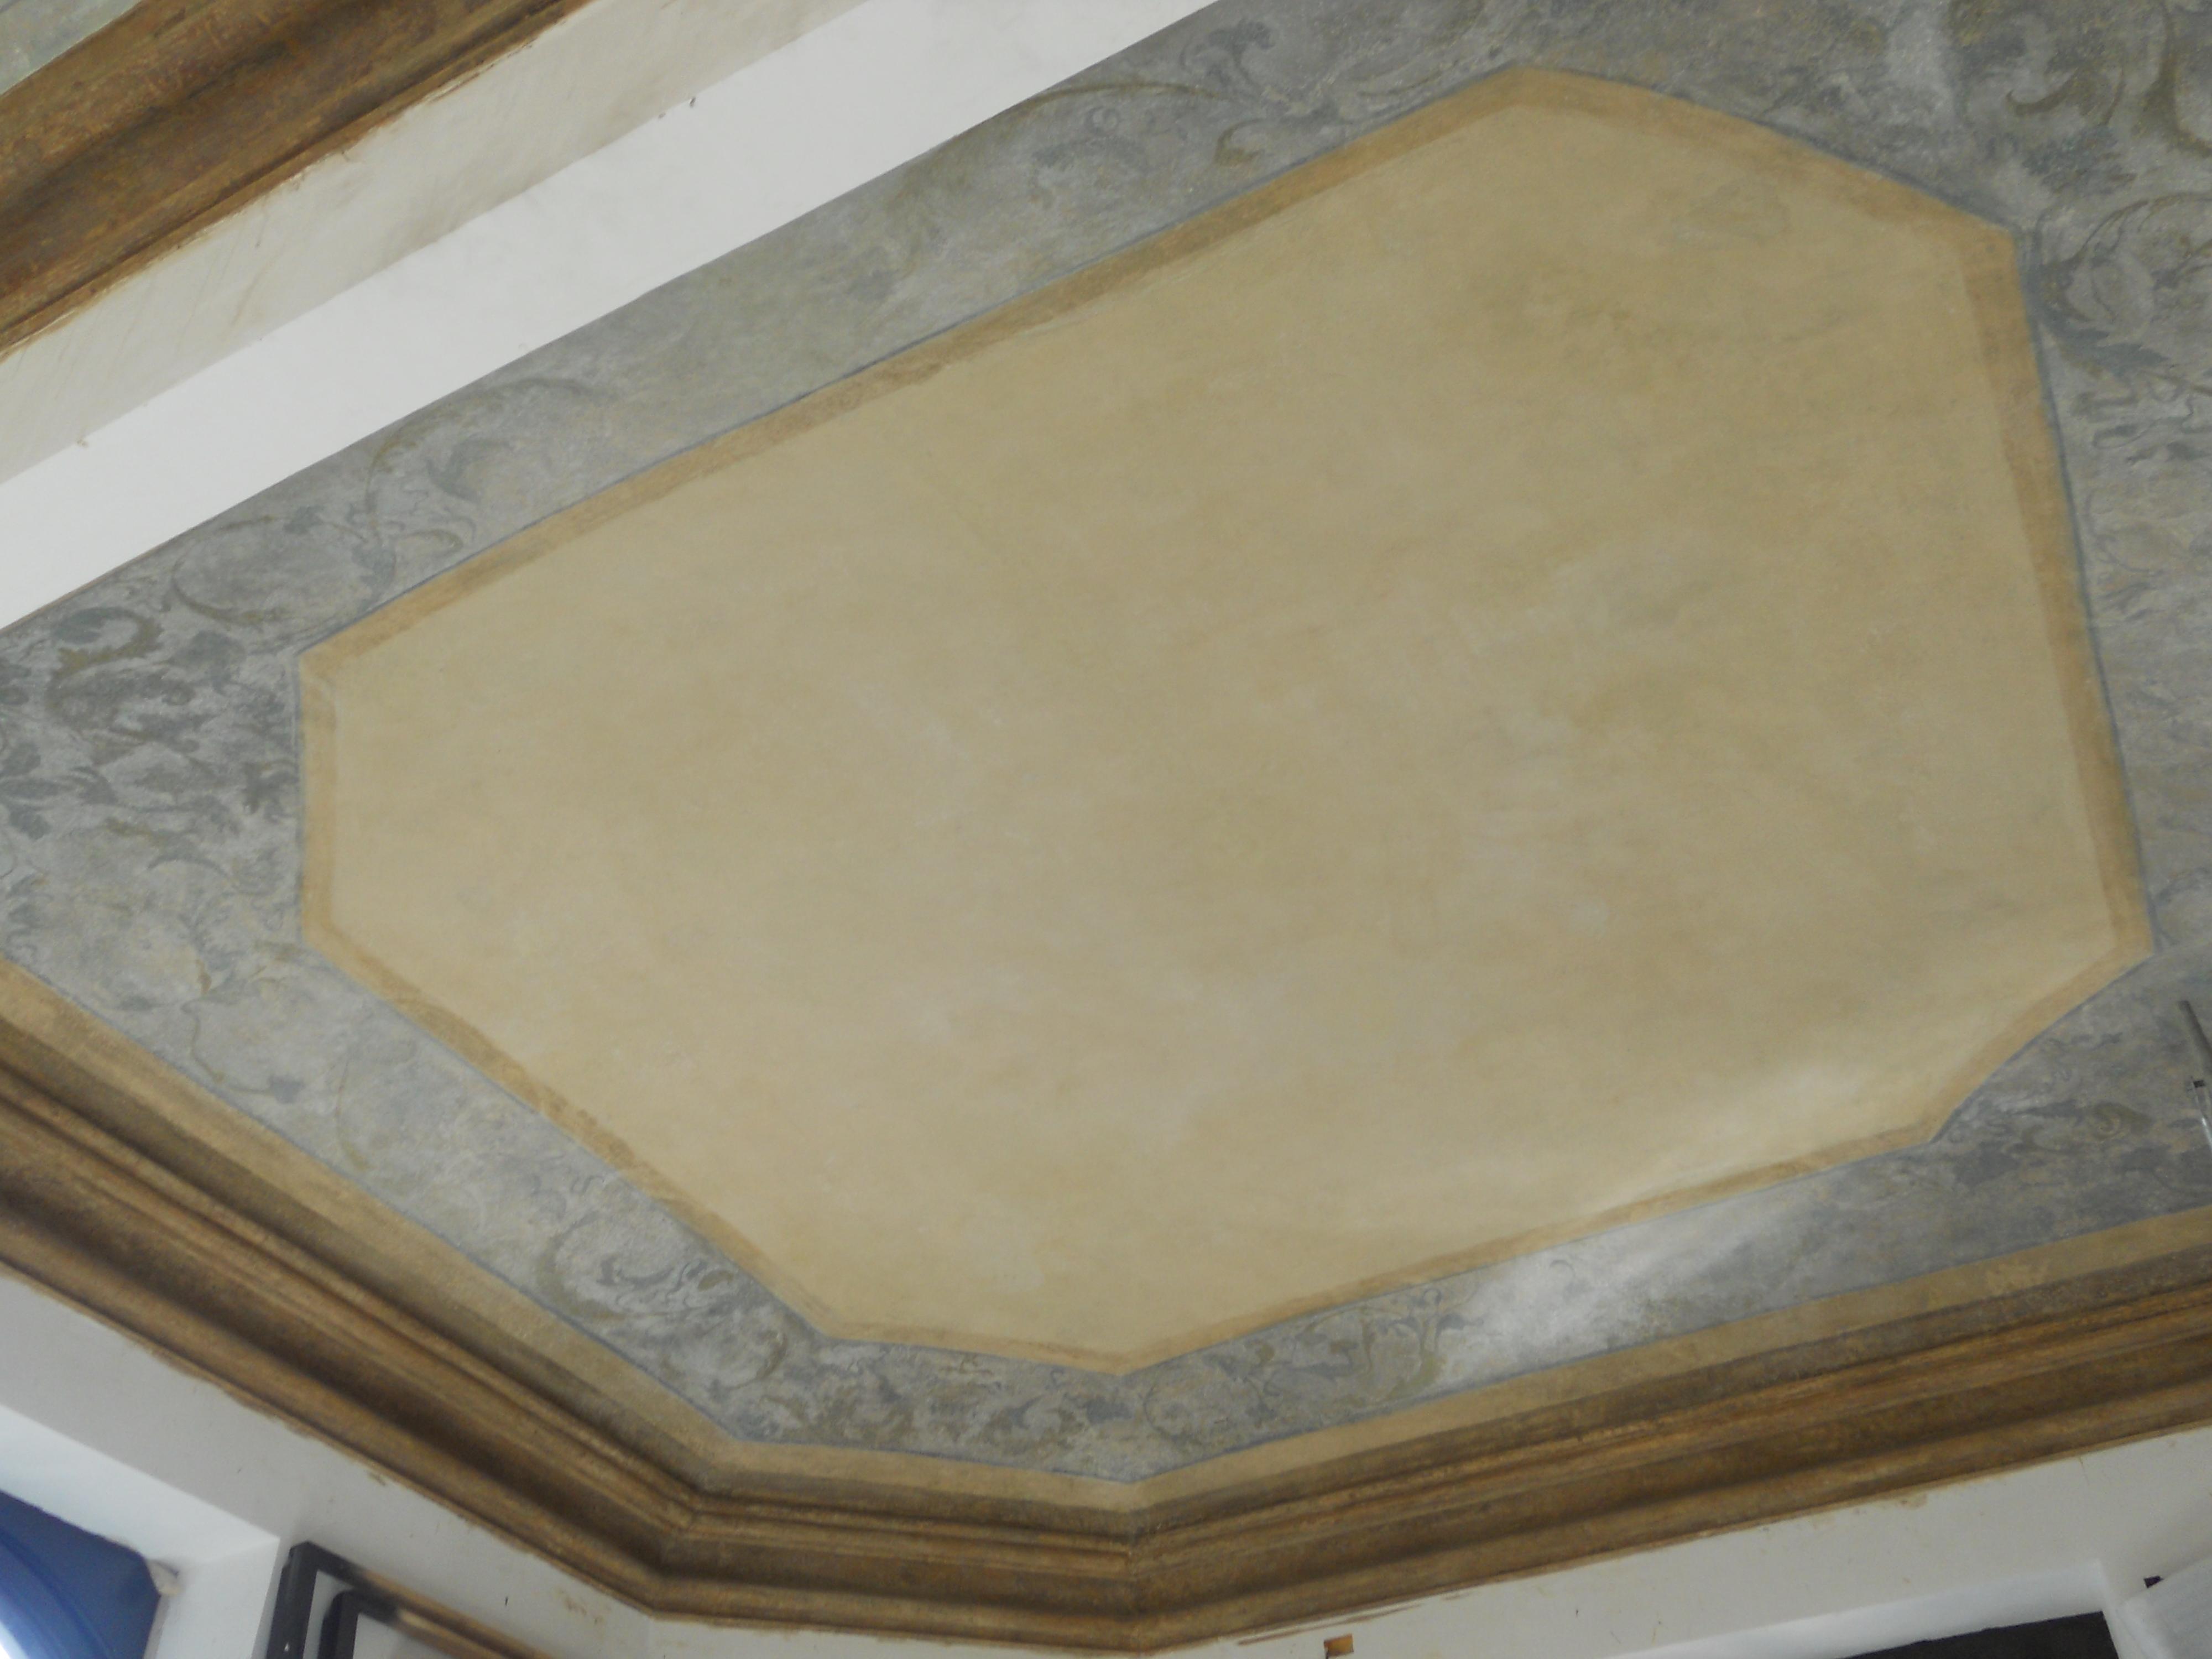 Restauro soffitti decorati villino raby torino f f - Soffitti decorati ...